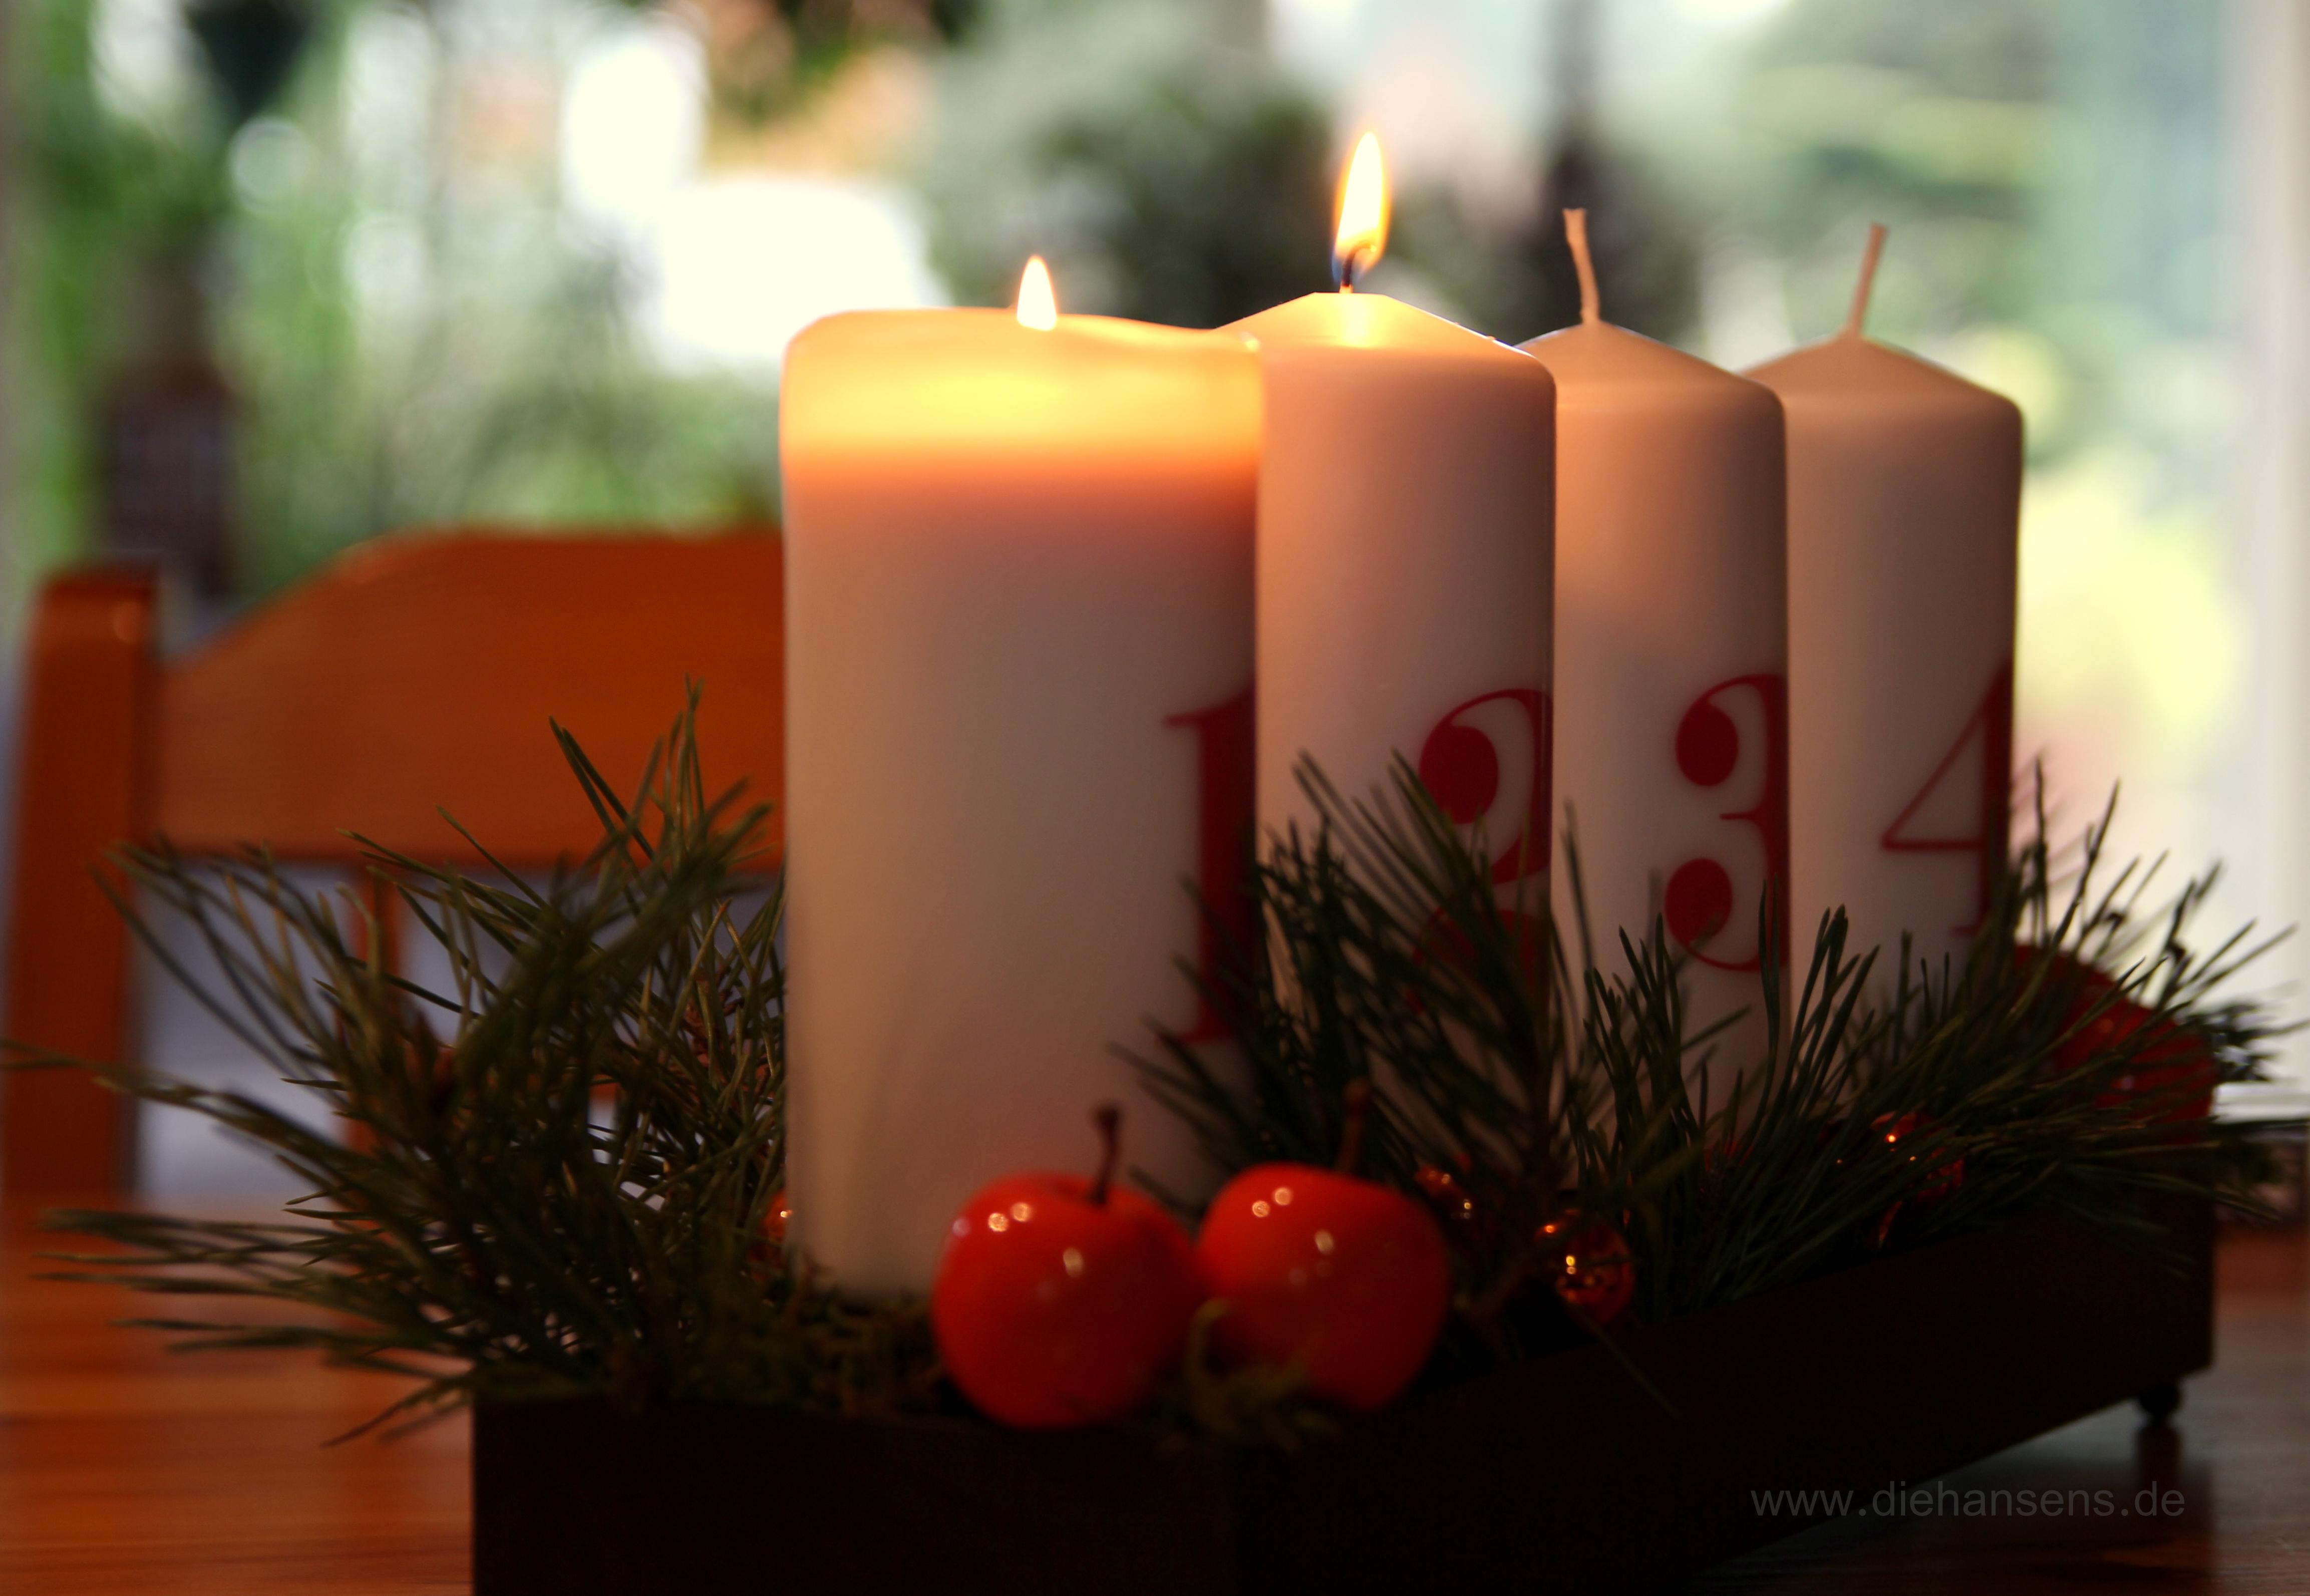 Ihnen und Ihren Lieben einen schönen zweiten Advent!